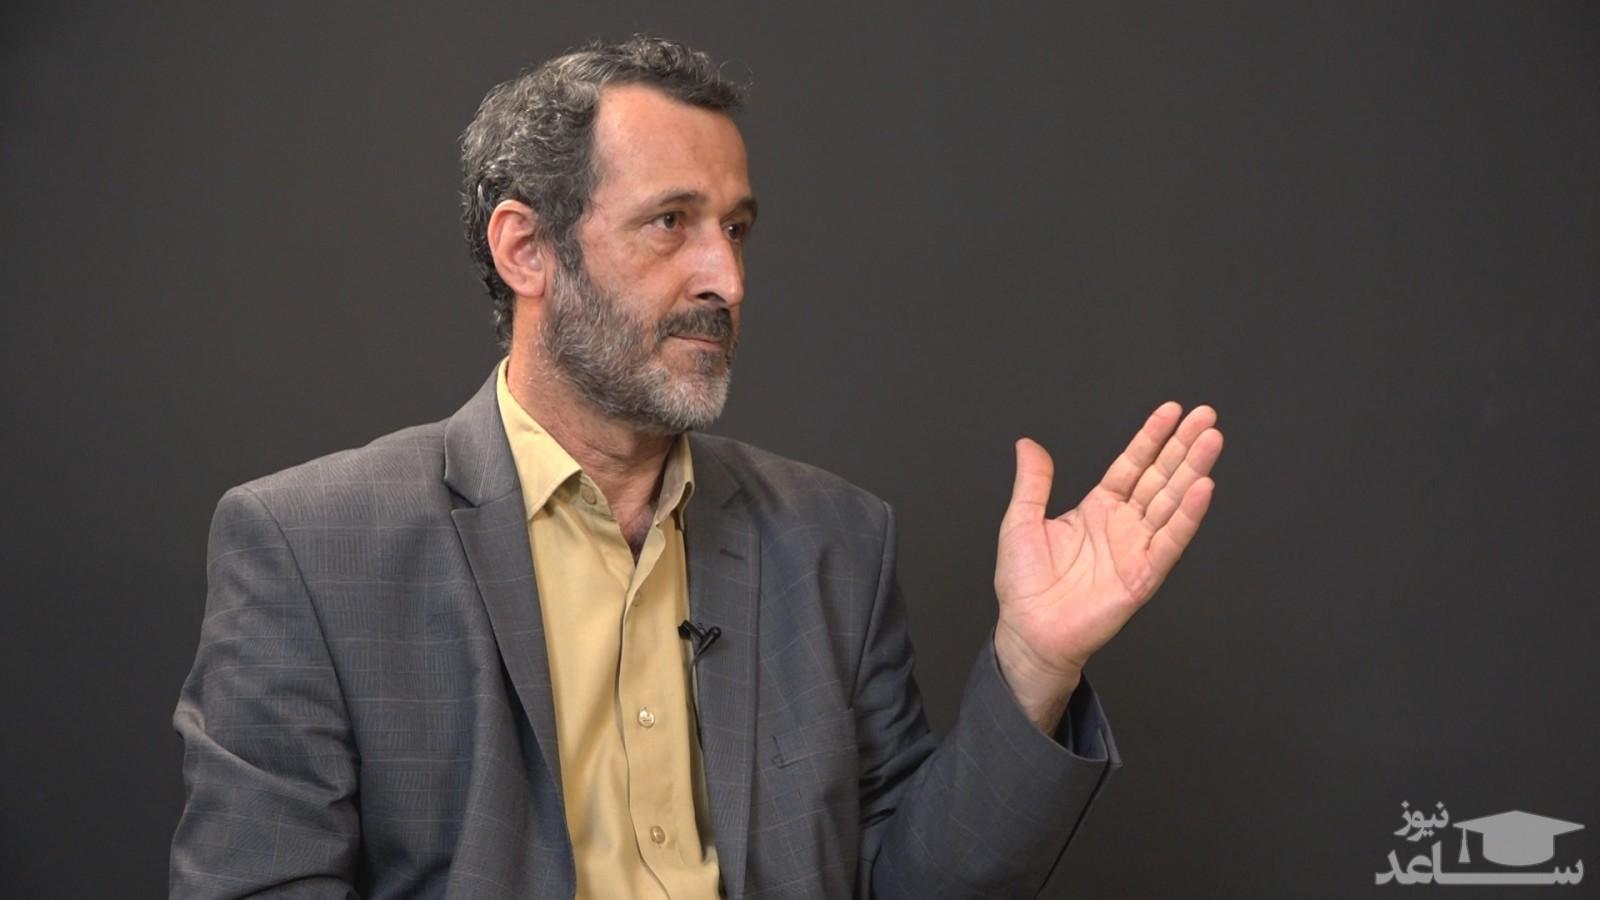 دکتر قاسم پورحسن : درباره ضرورت بازخوانی بنیادهای معرفت شناسی اسلامی